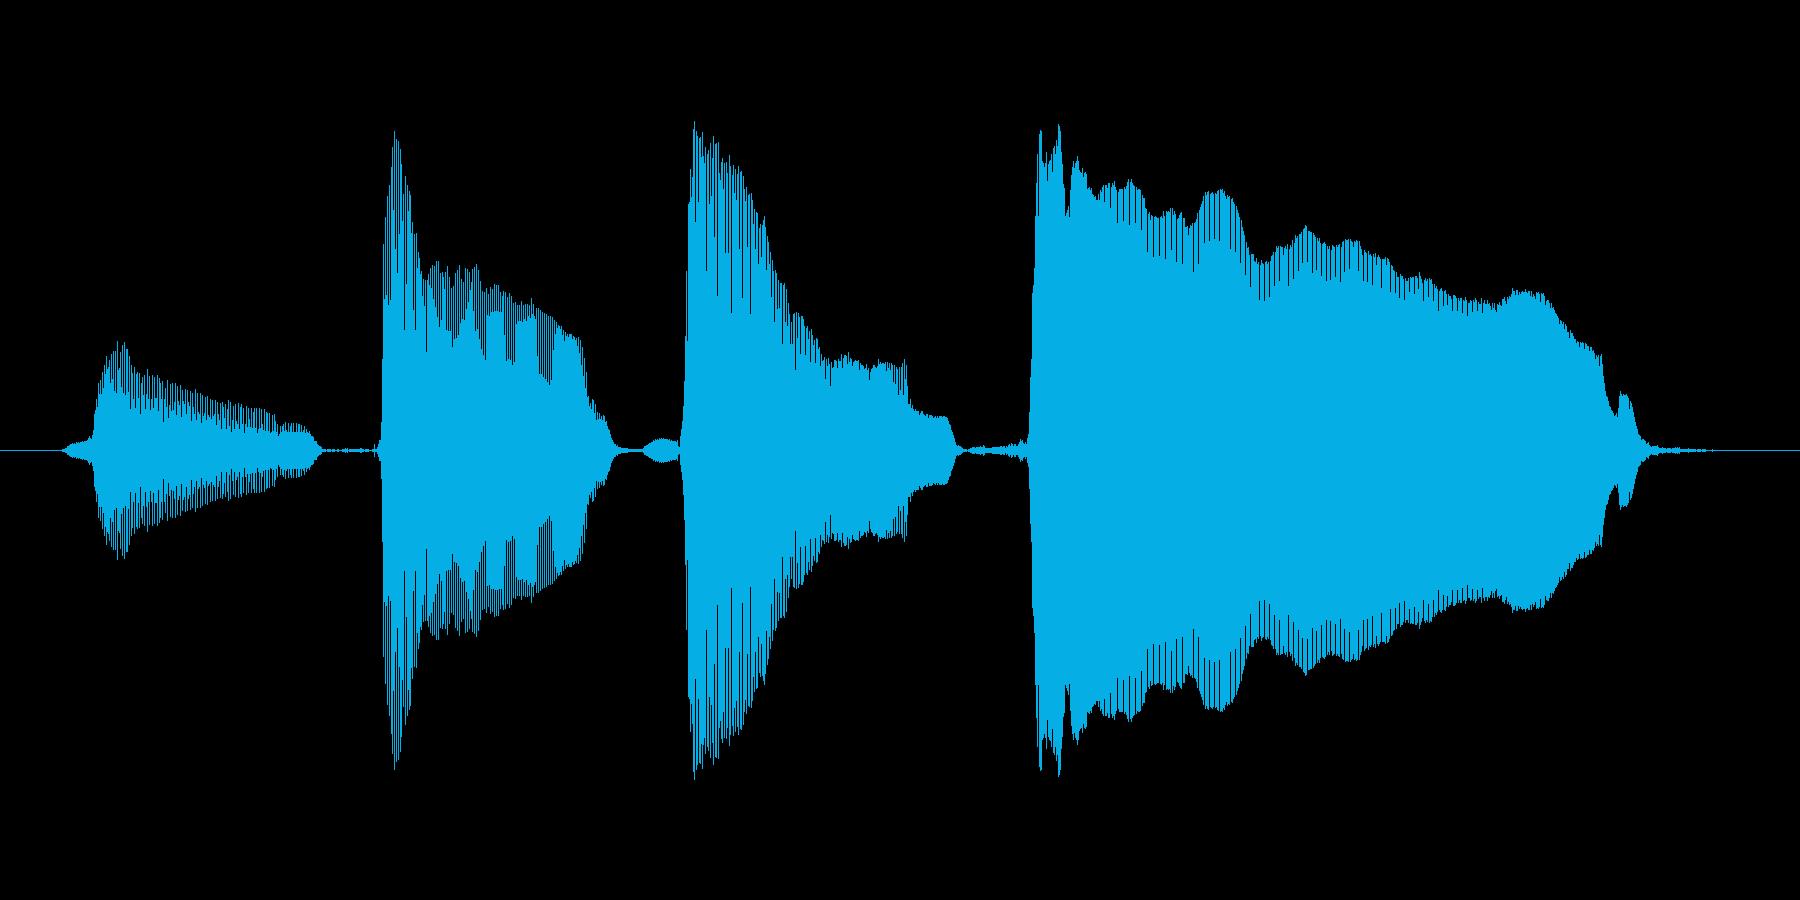 【ボイスSE】ピンポンパンポーン↑の再生済みの波形